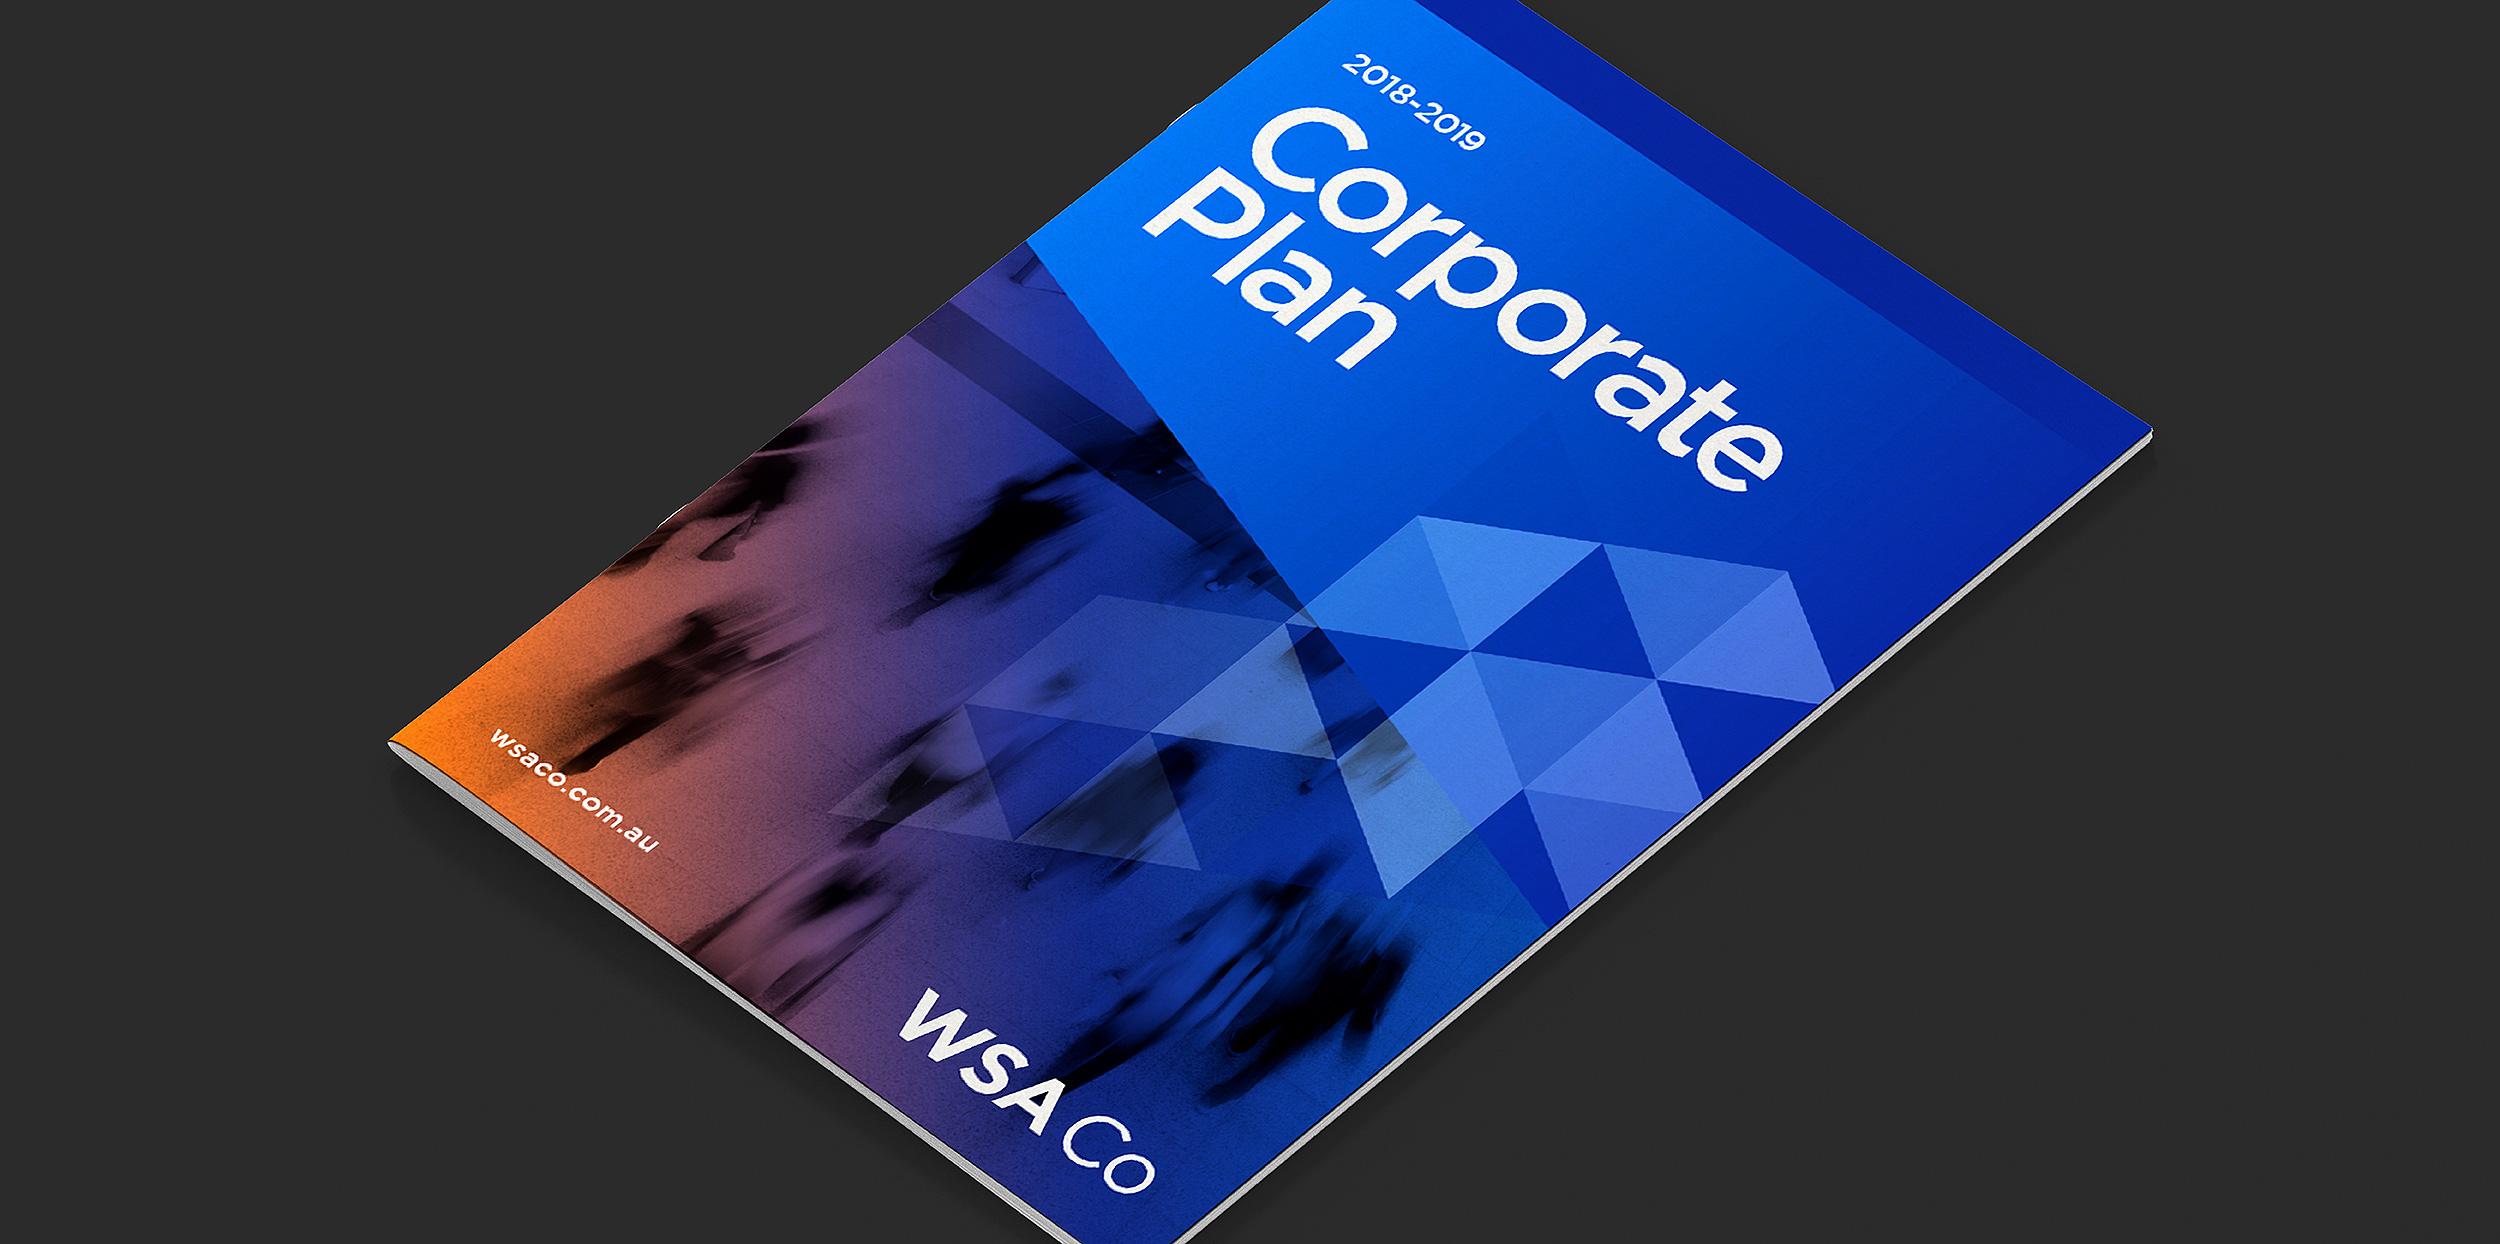 Handle-Sydney-Branding-IPWEA-Institute-Public-Works-Australiasia_3.jpg